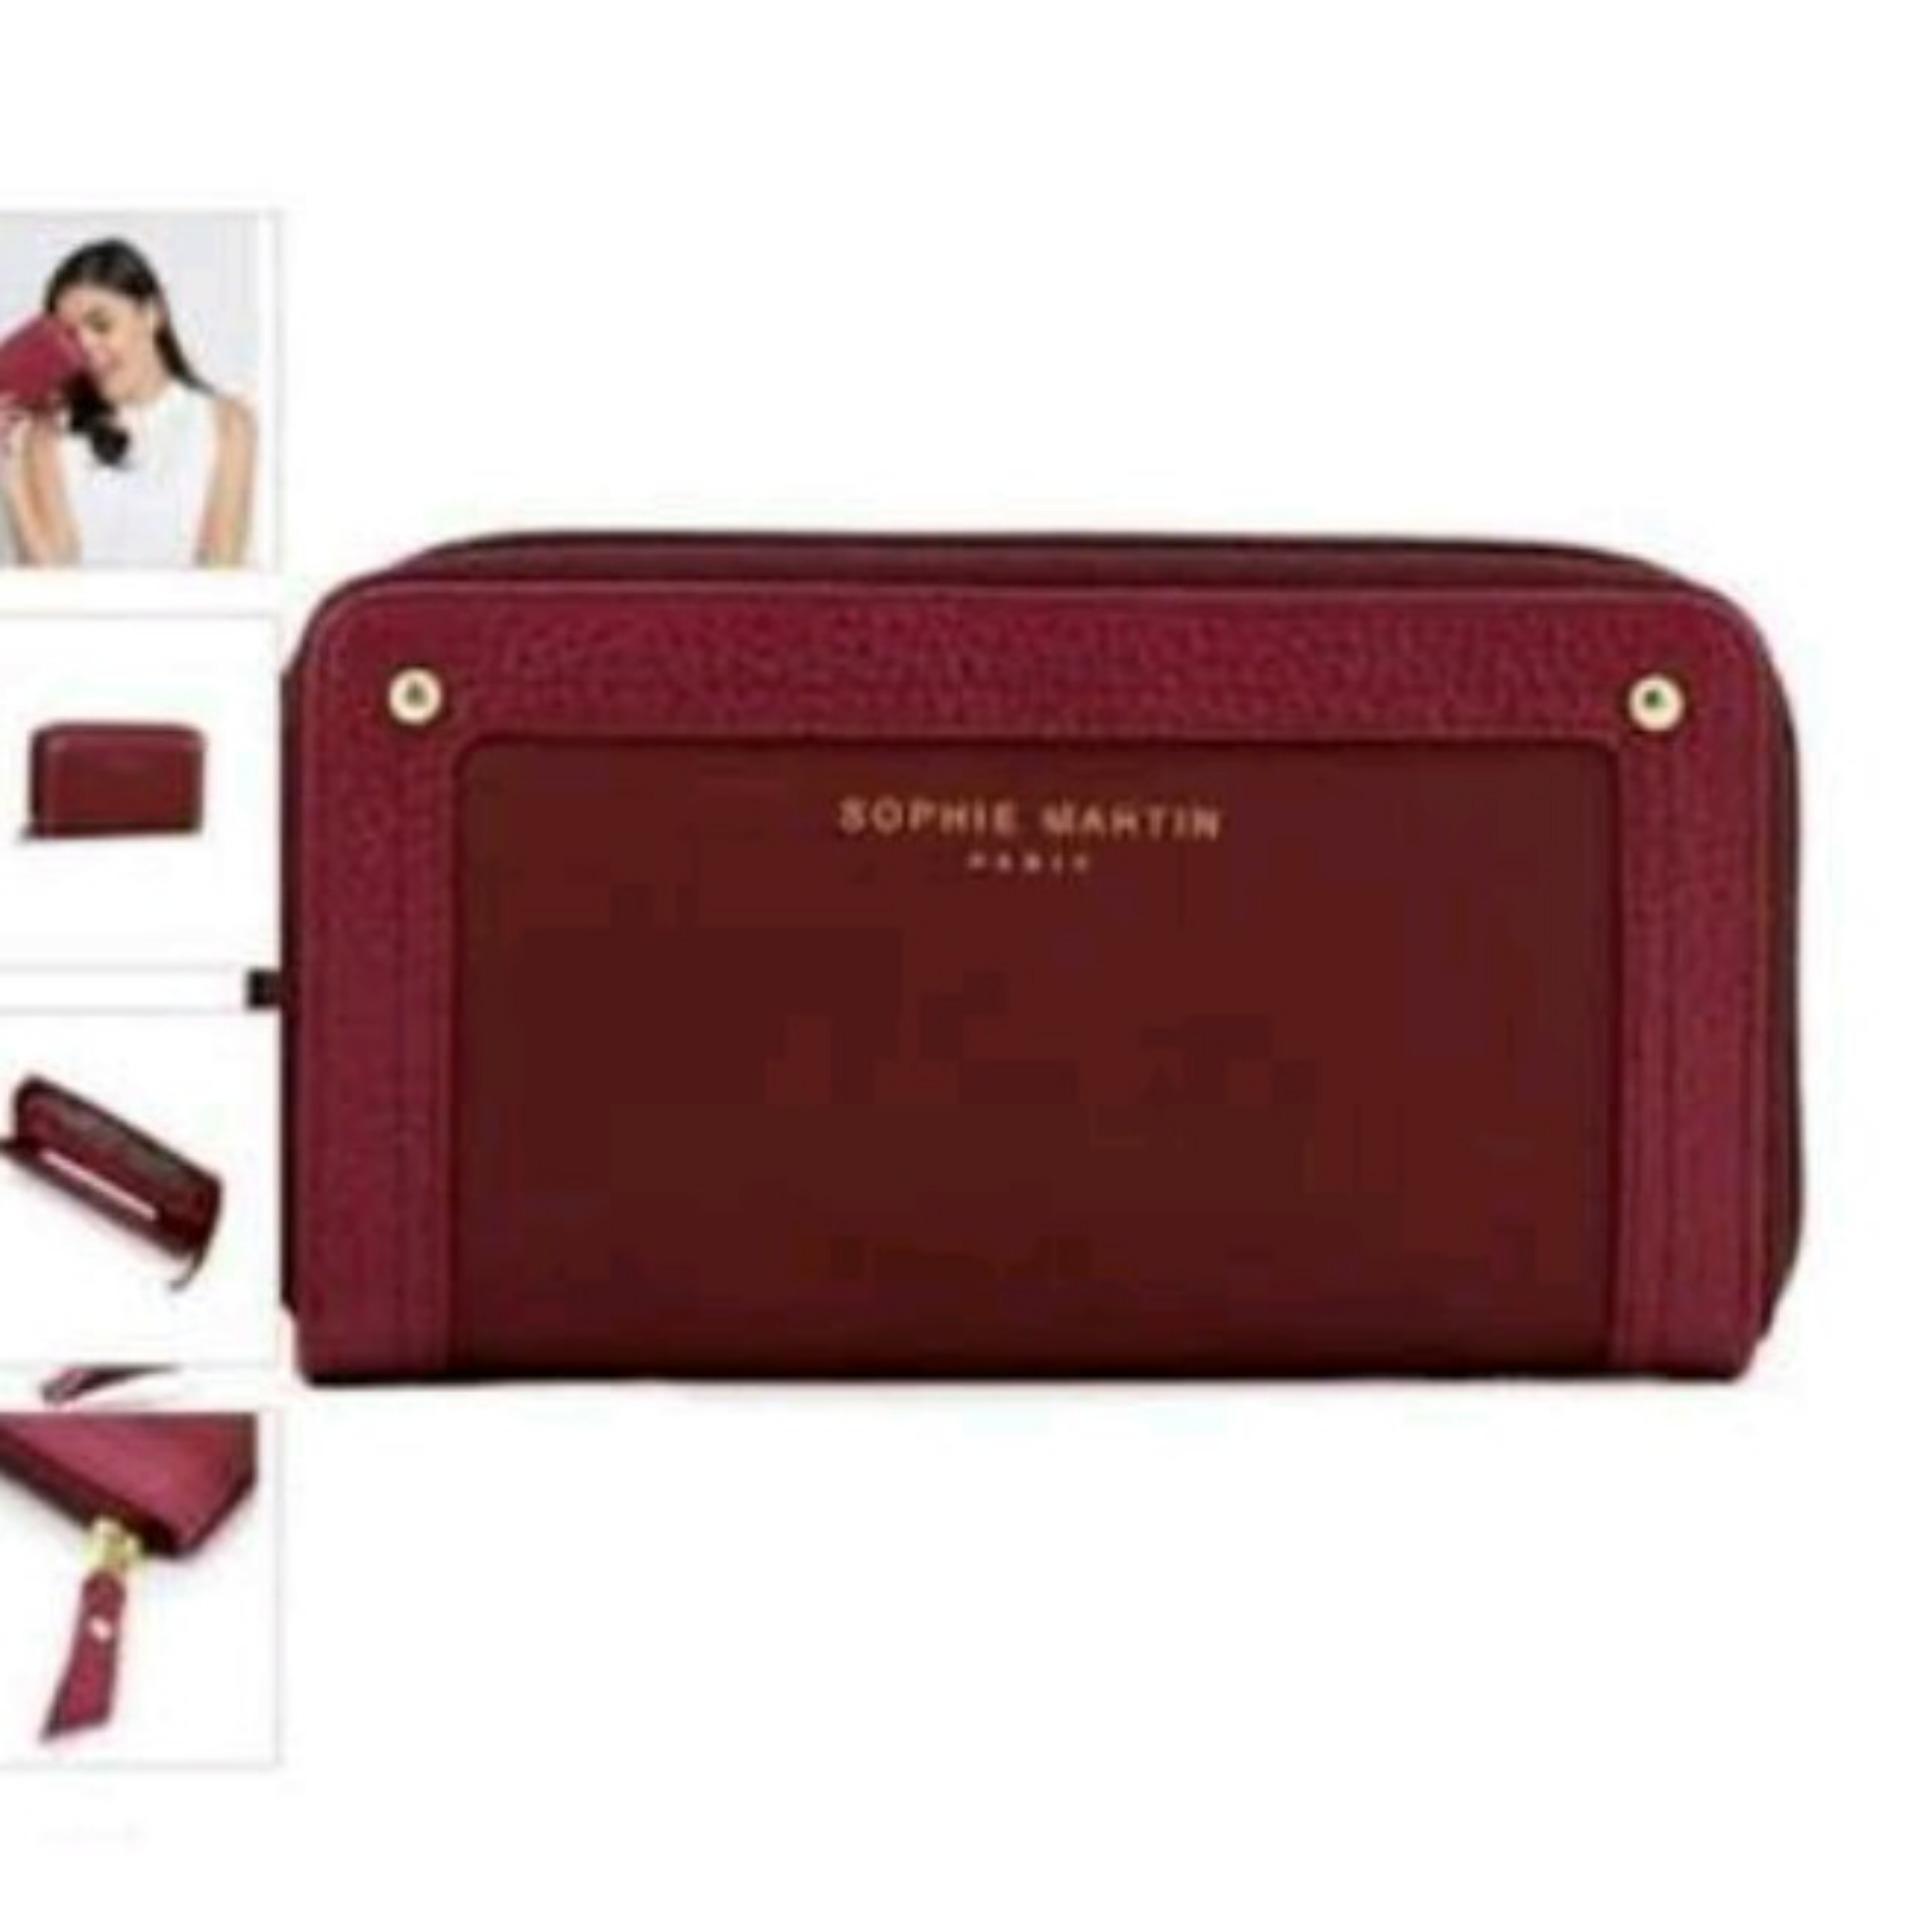 Diora wallet sophie martin